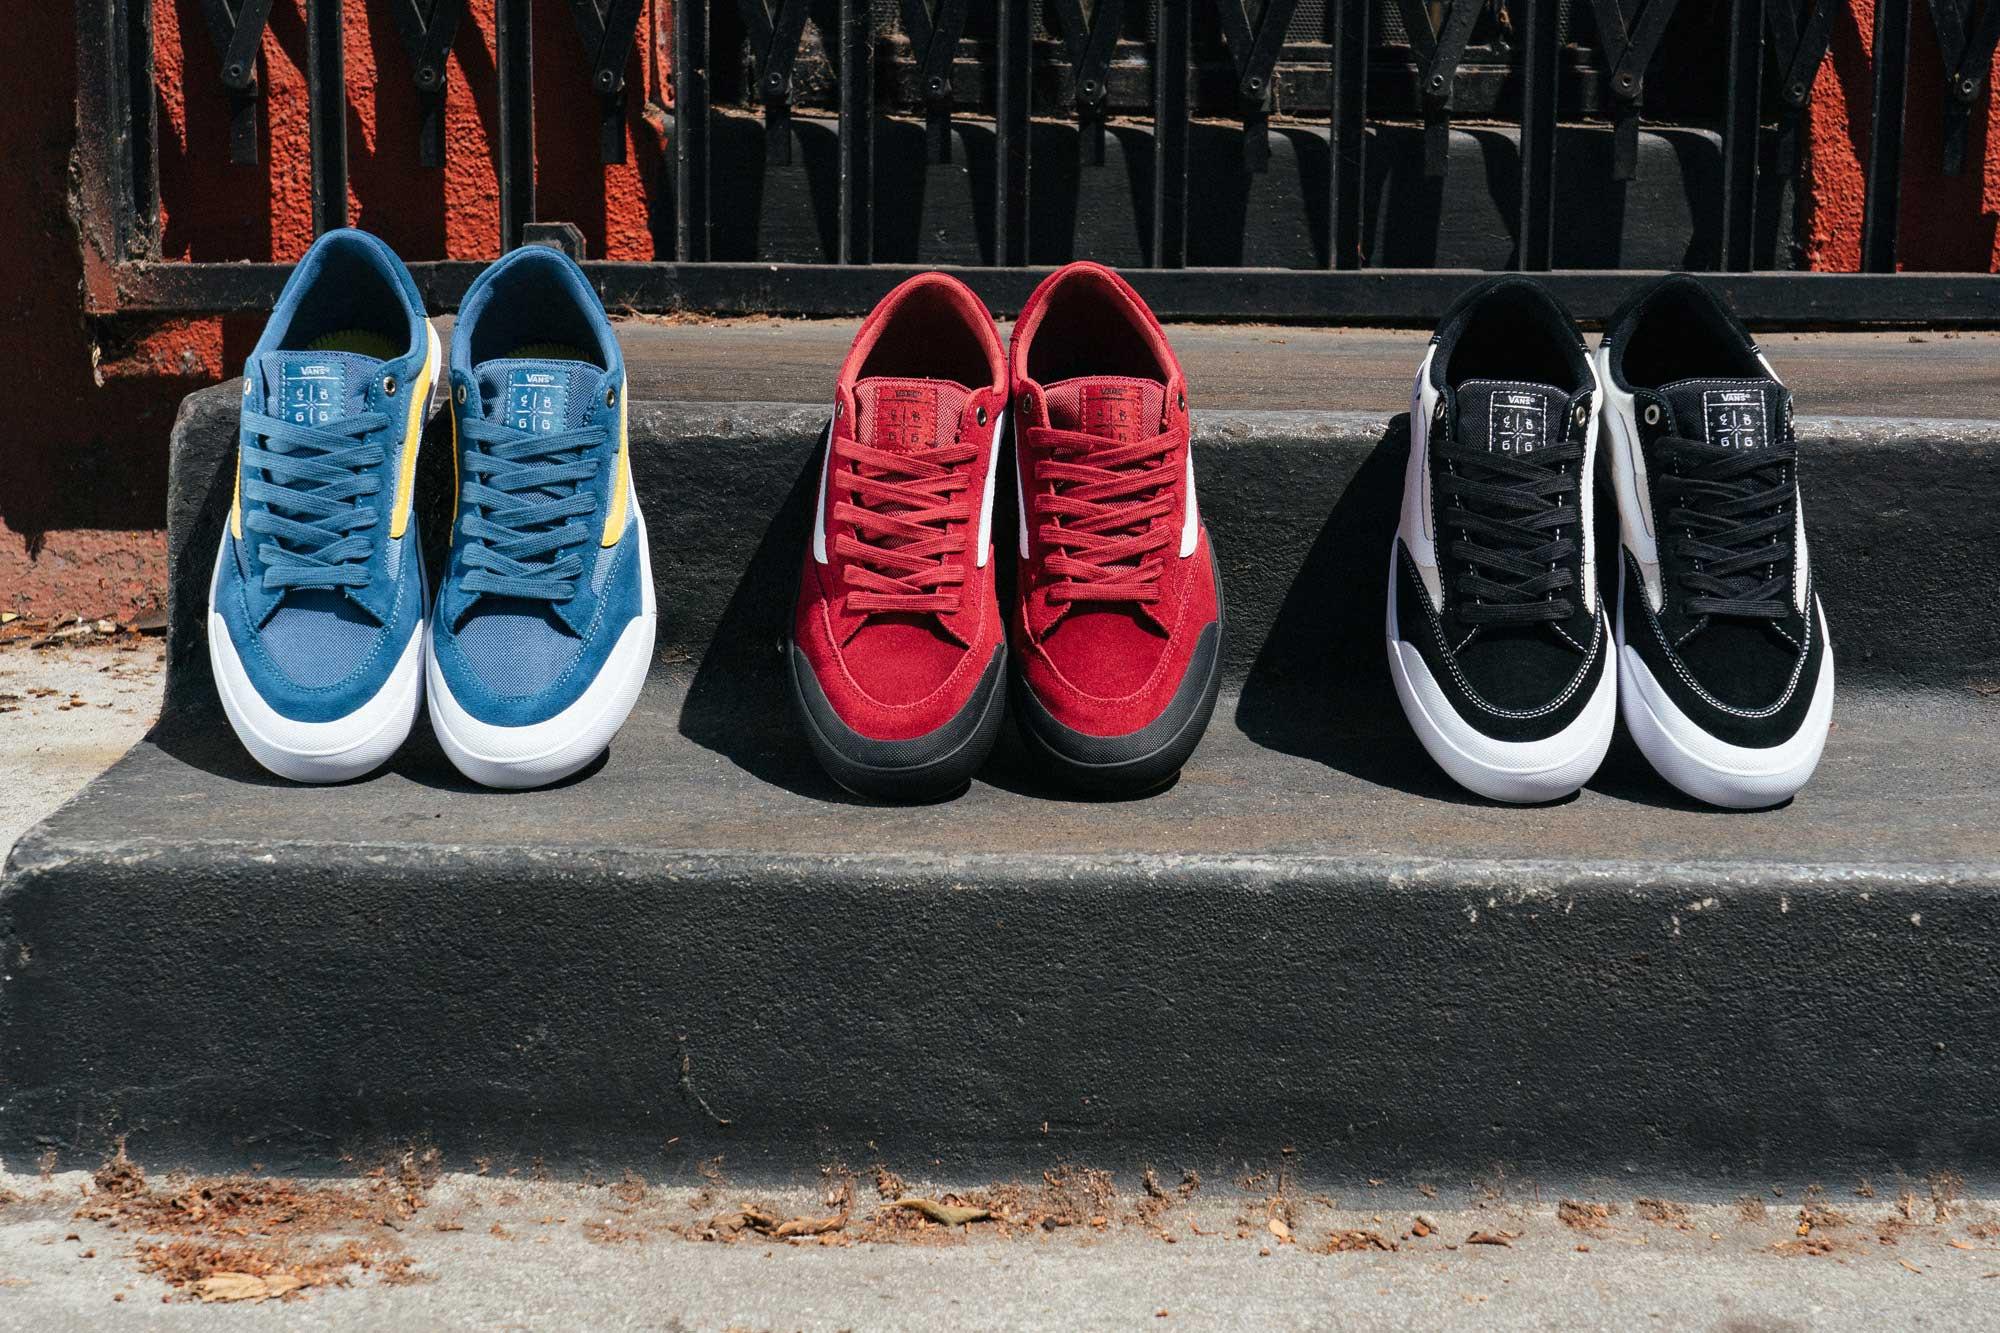 VANS 推出全新ELIJAH BERLE 職業滑板鞋